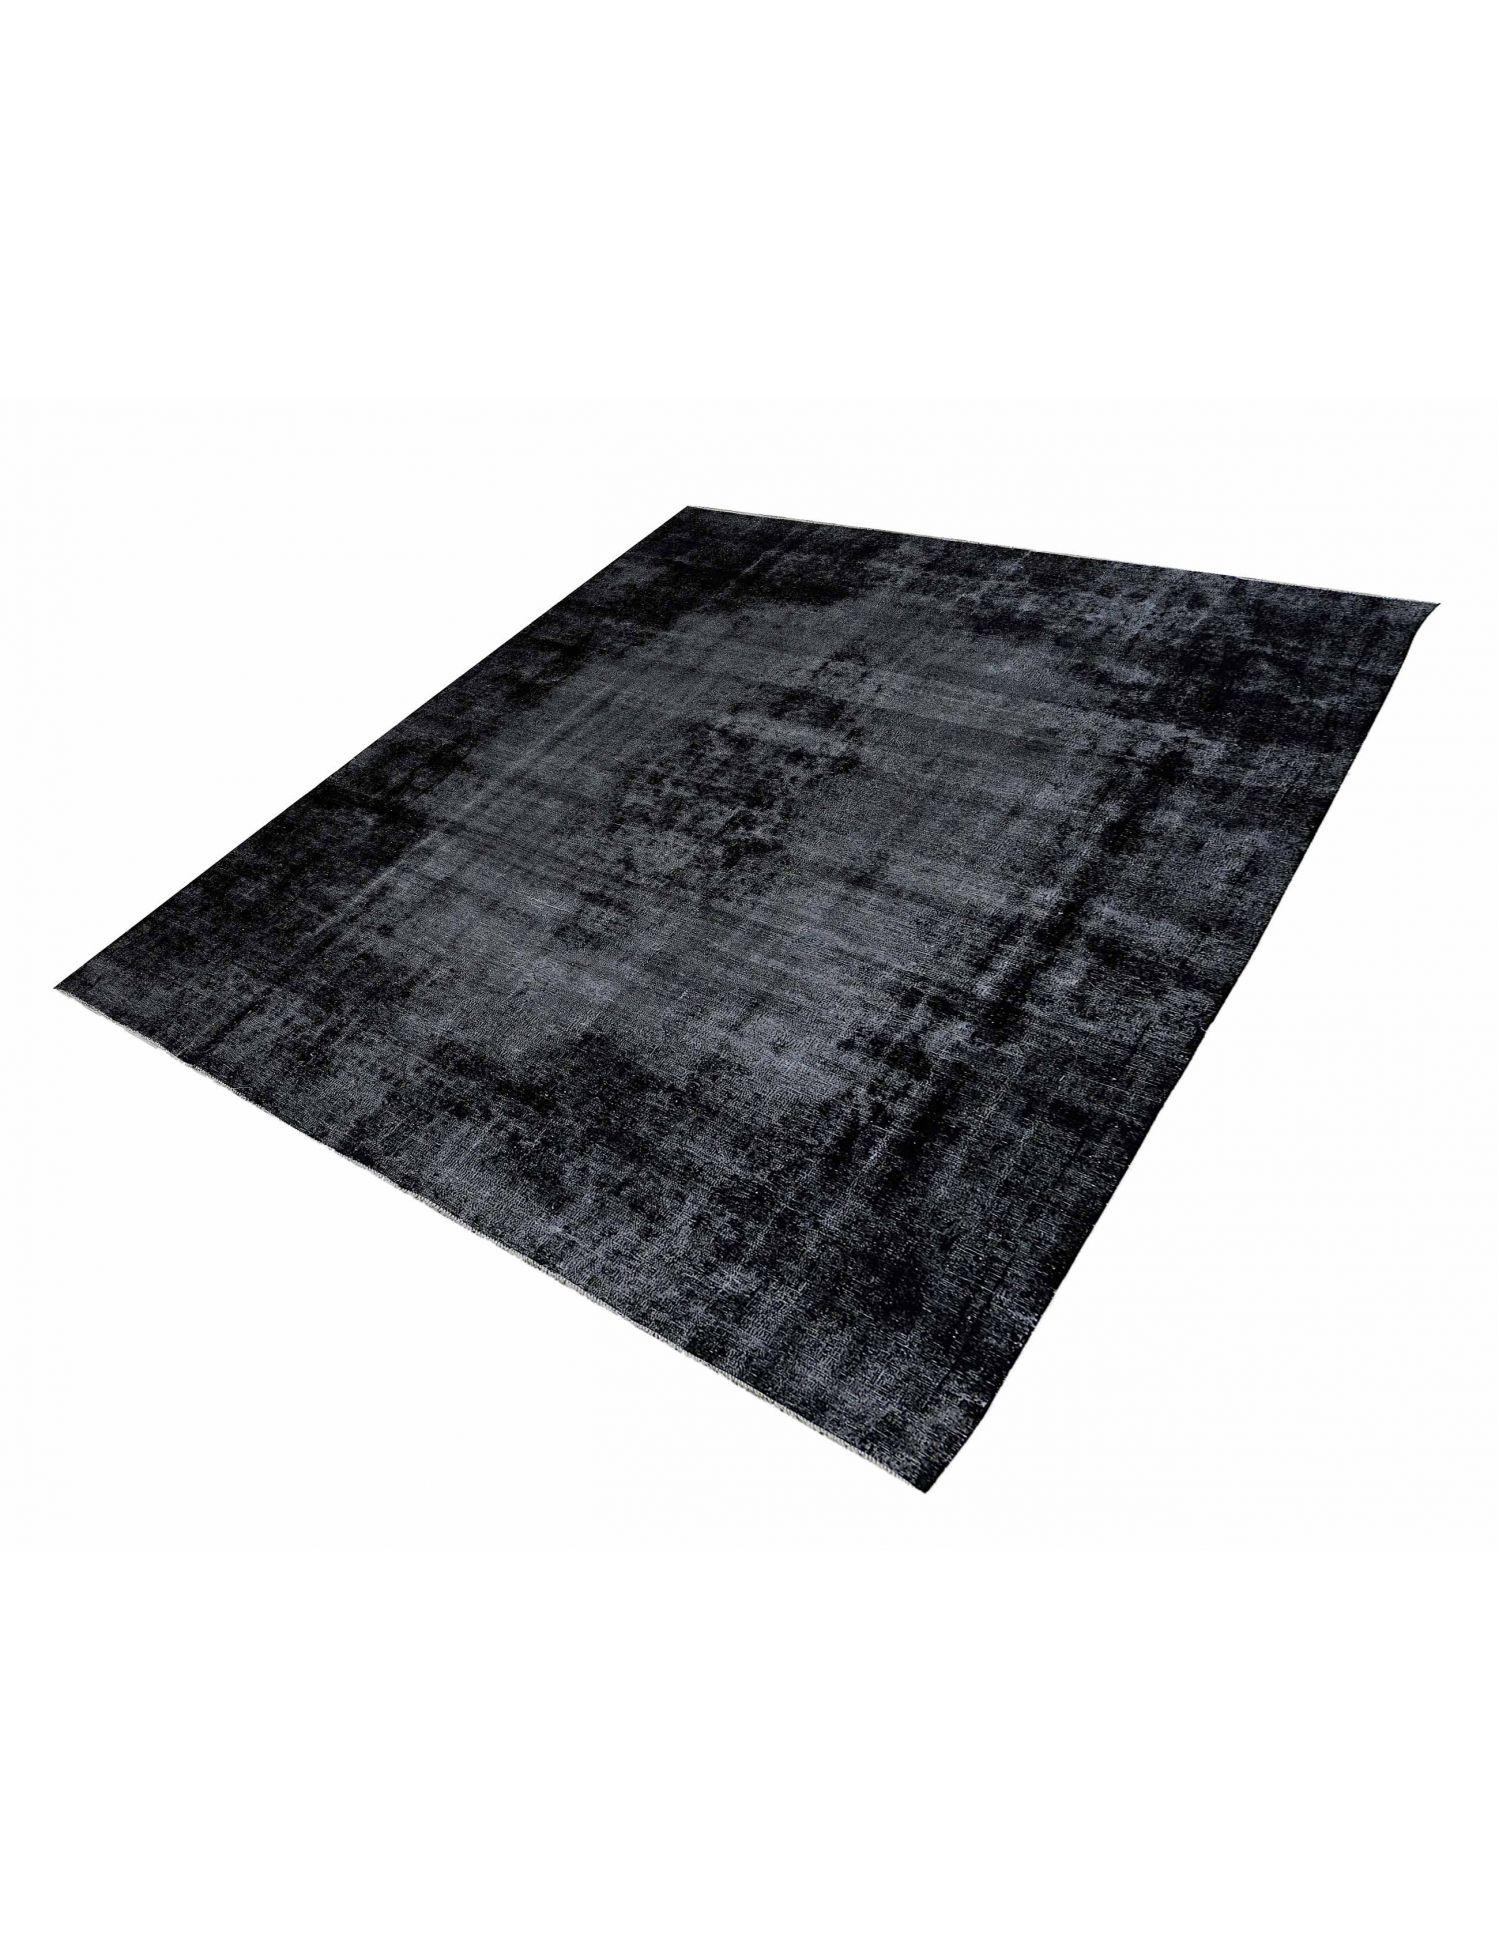 Persian Vintage Carpet  black <br/>390 x 284 cm